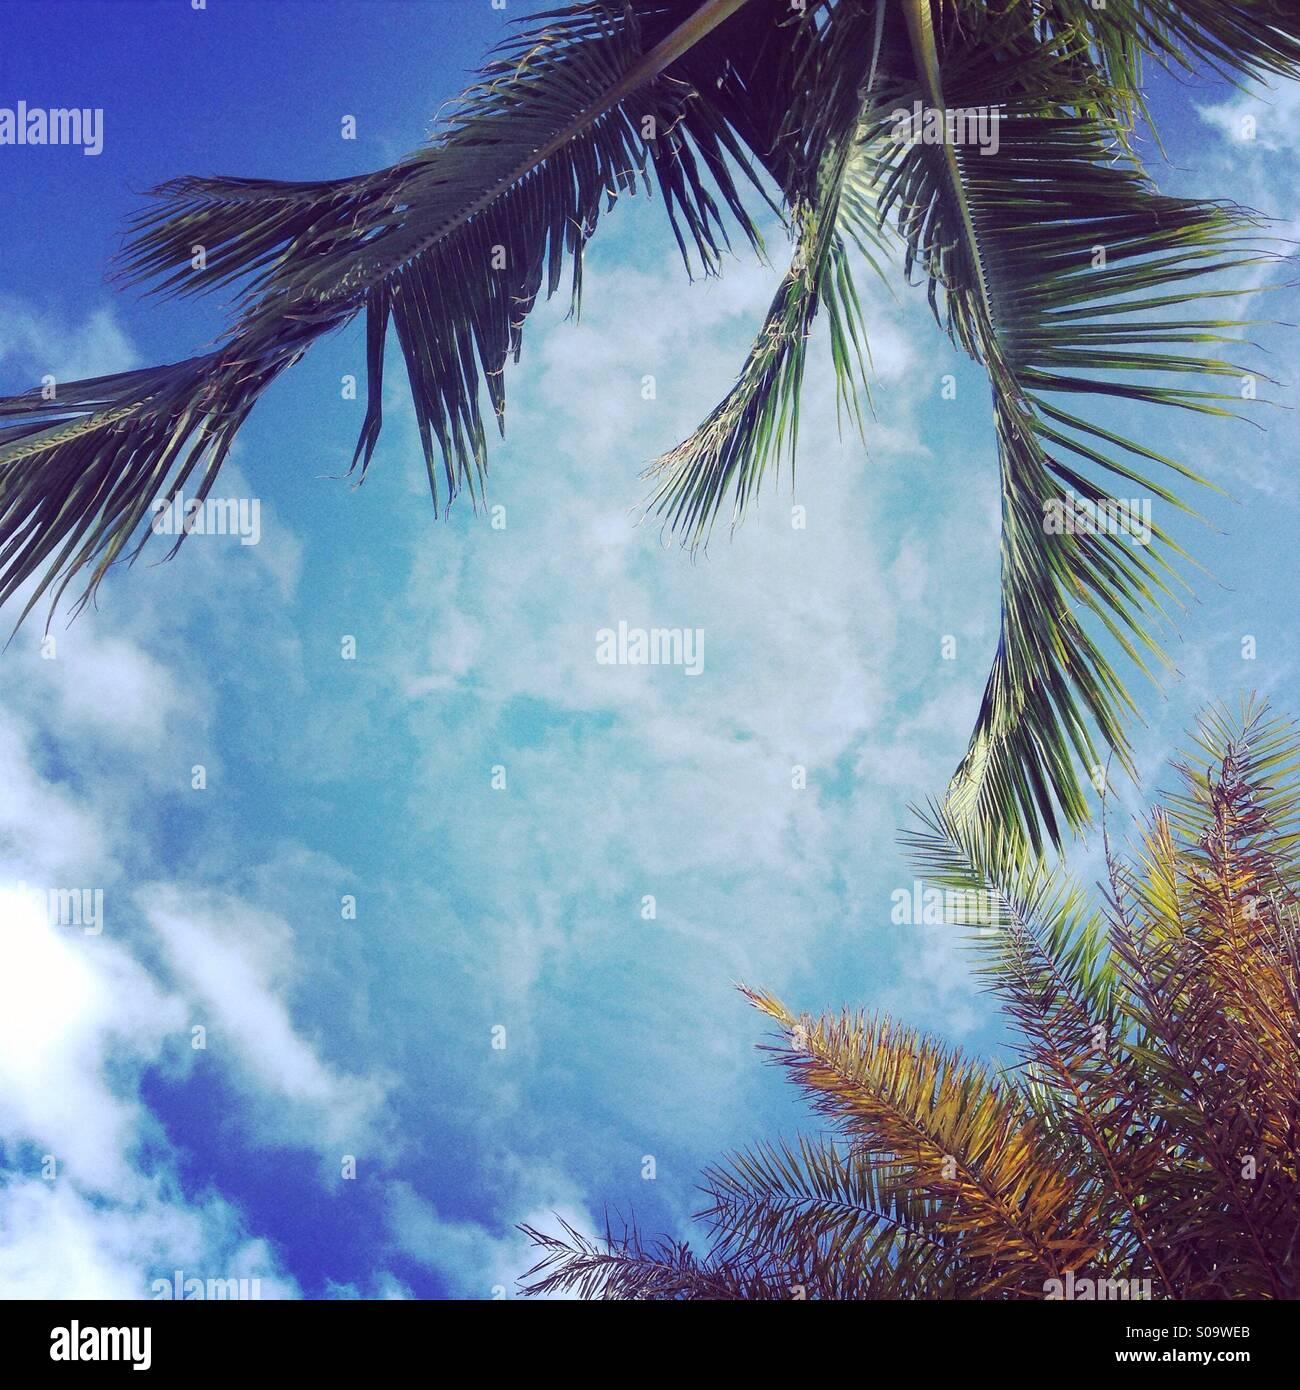 Gli alberi di cocco e cieli blu con luce cloud. Immagini Stock